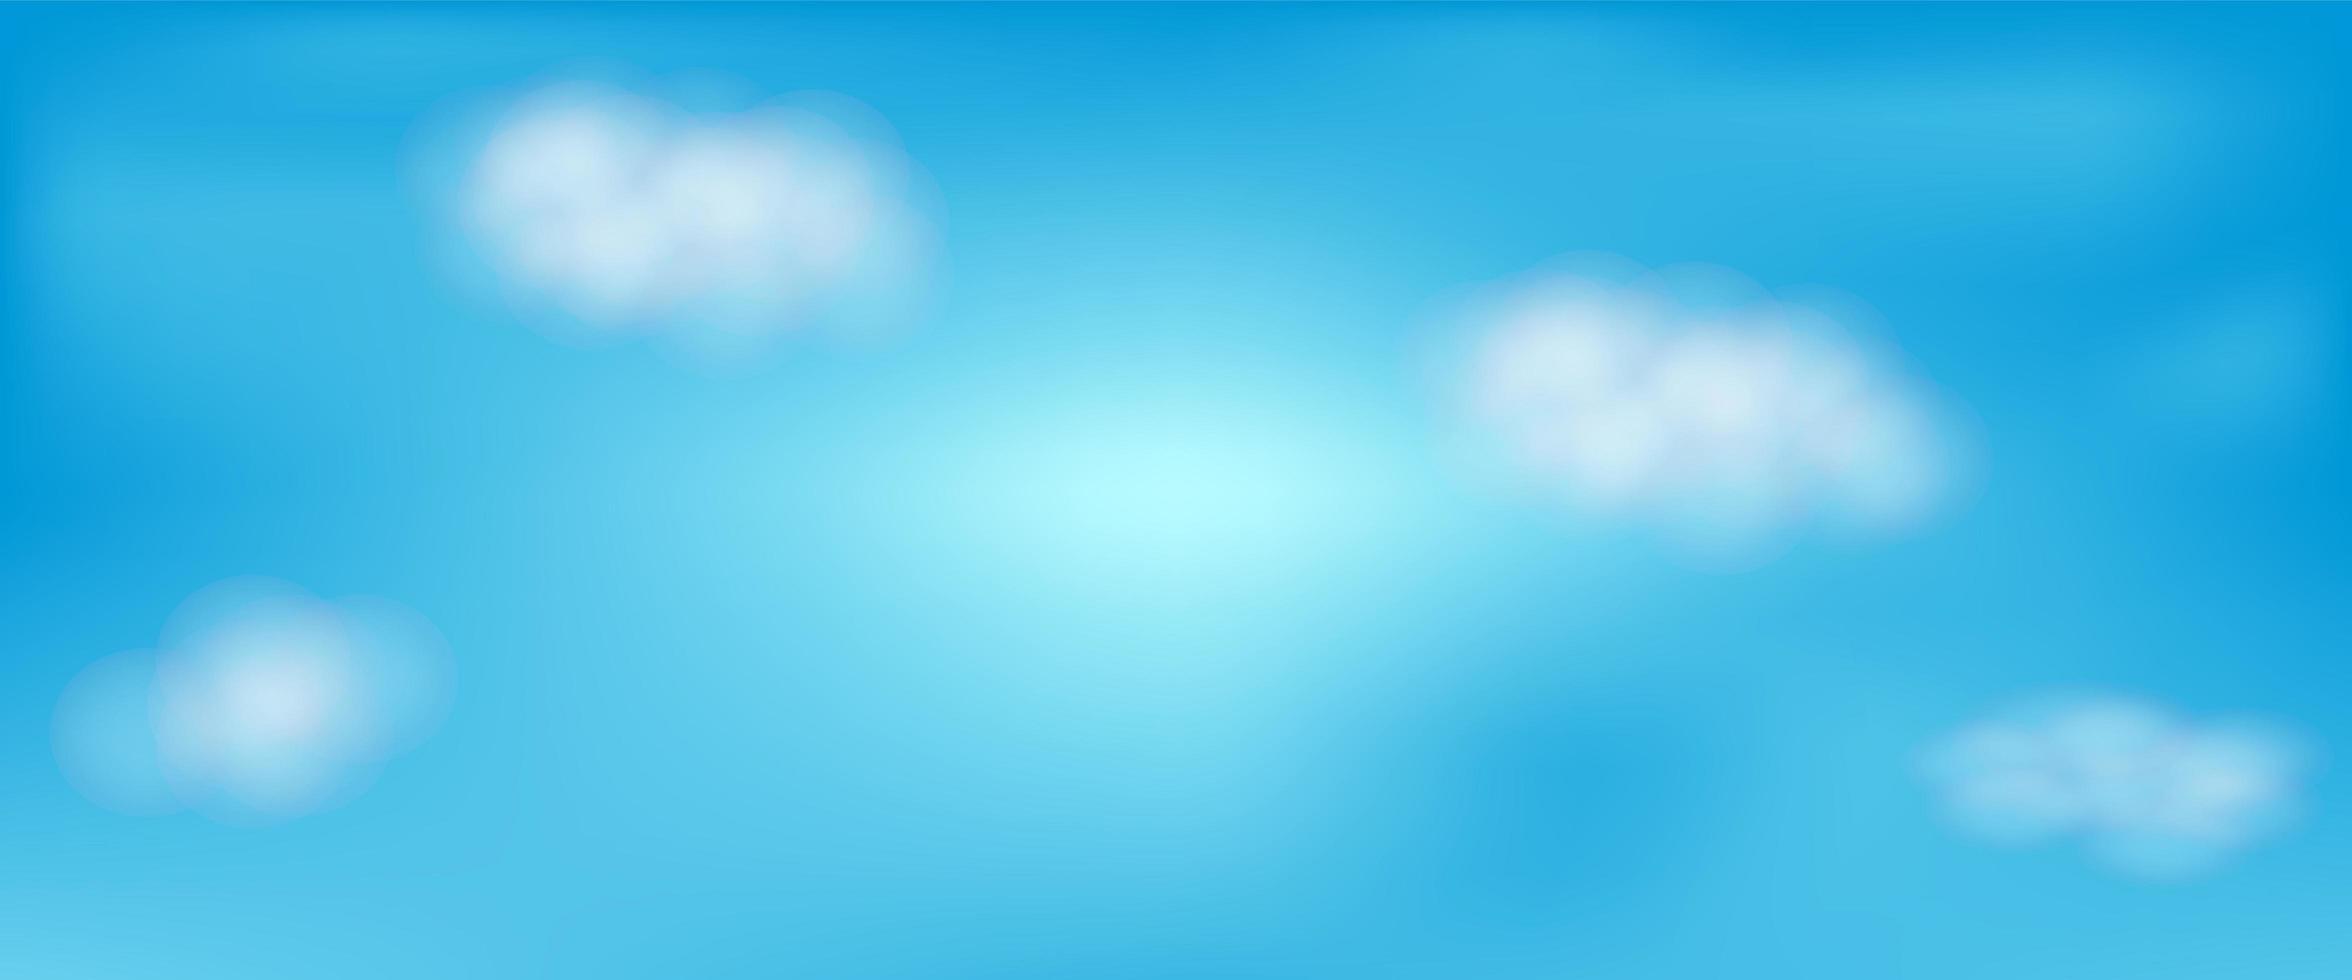 lindo céu azul com nuvens vetor